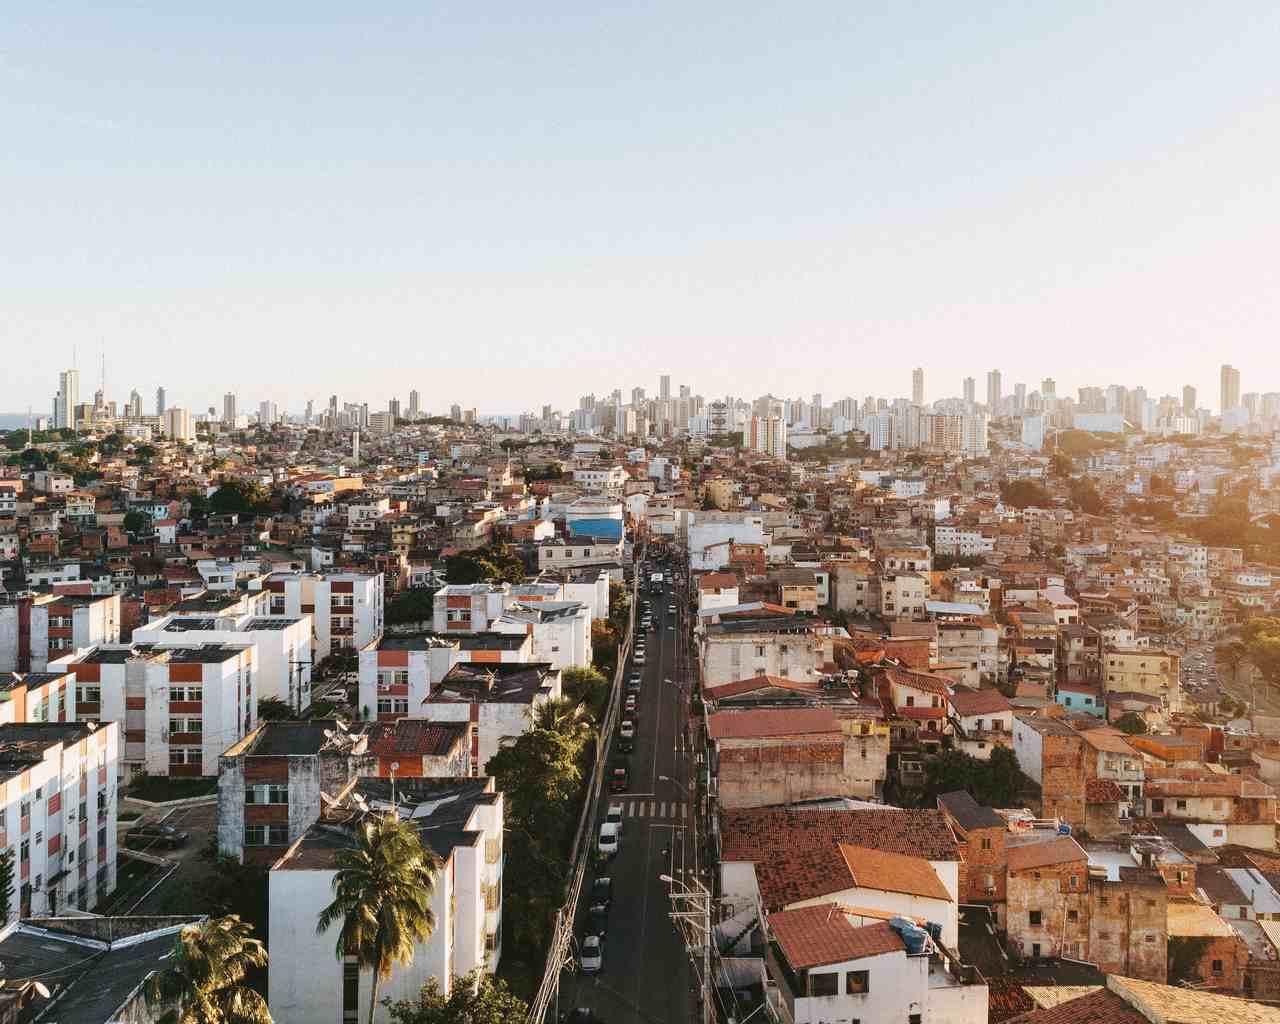 imagem aerea da cidade de Salvador bahia